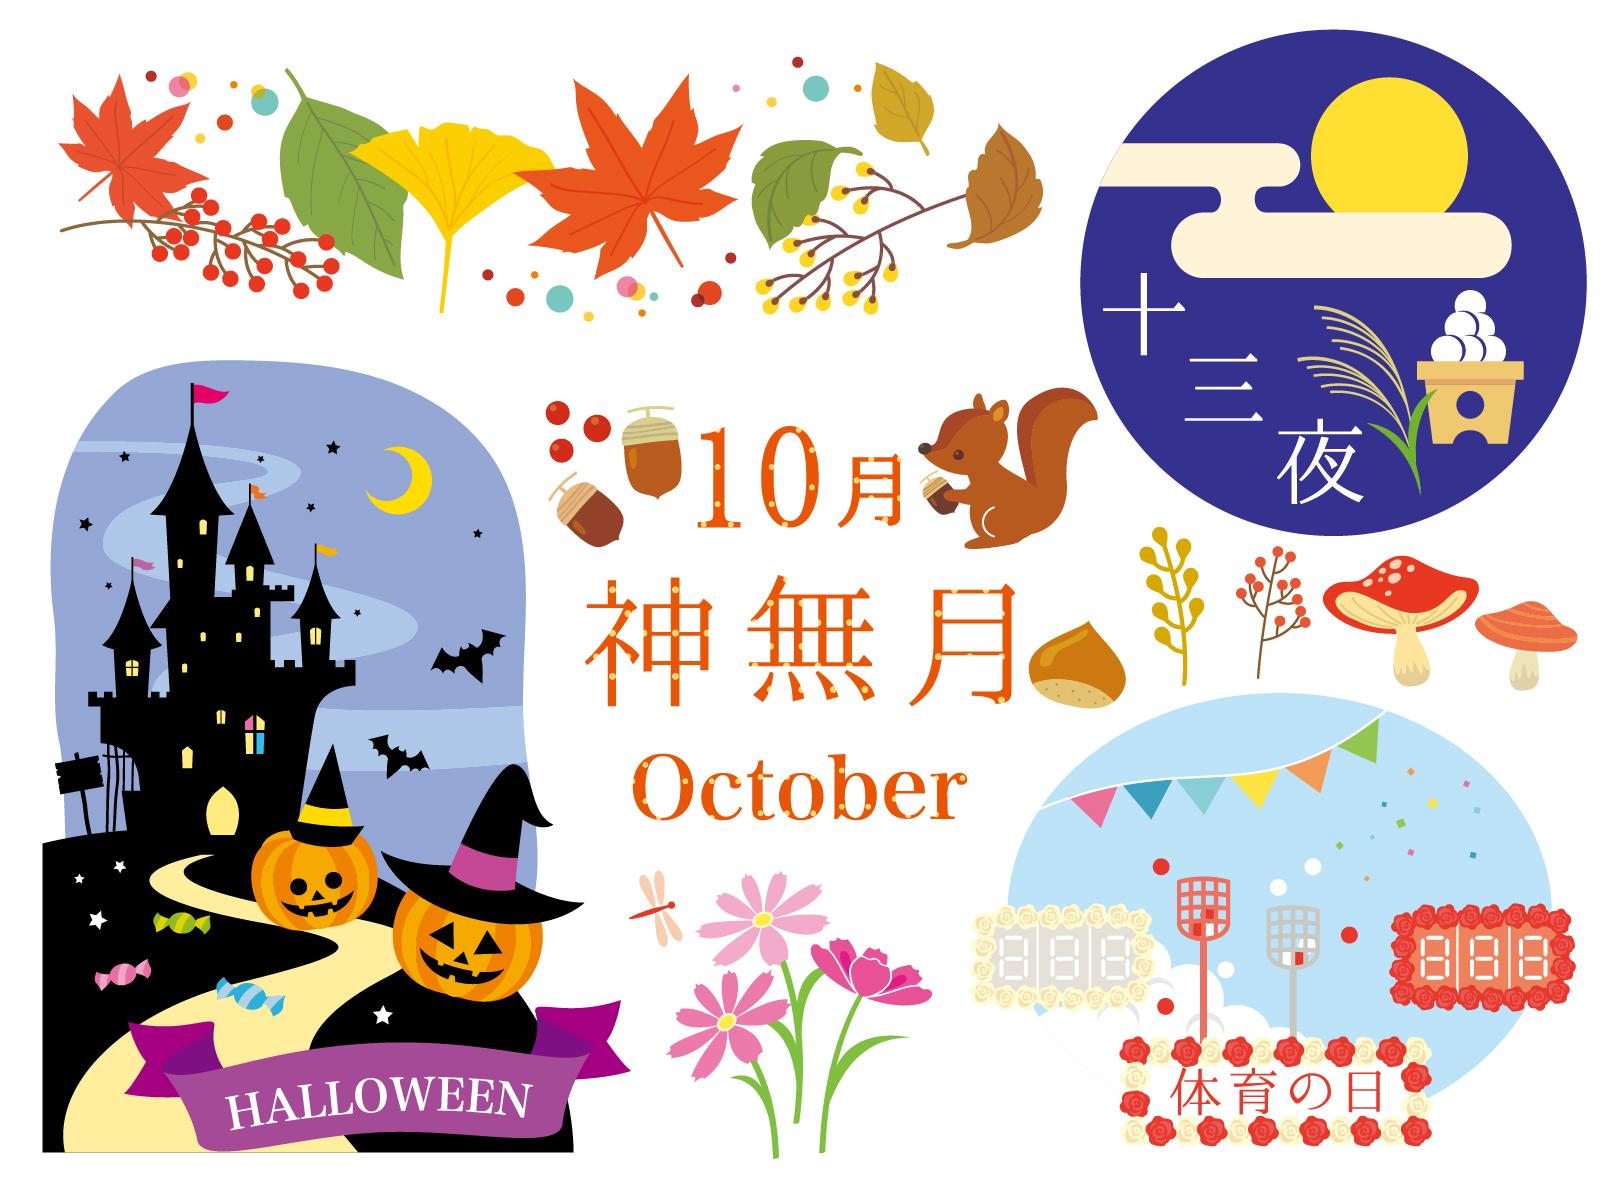 10月といえば イベントや行事 花や食べ物など話題のタネまとめ 速報 スクープちゃんニュース